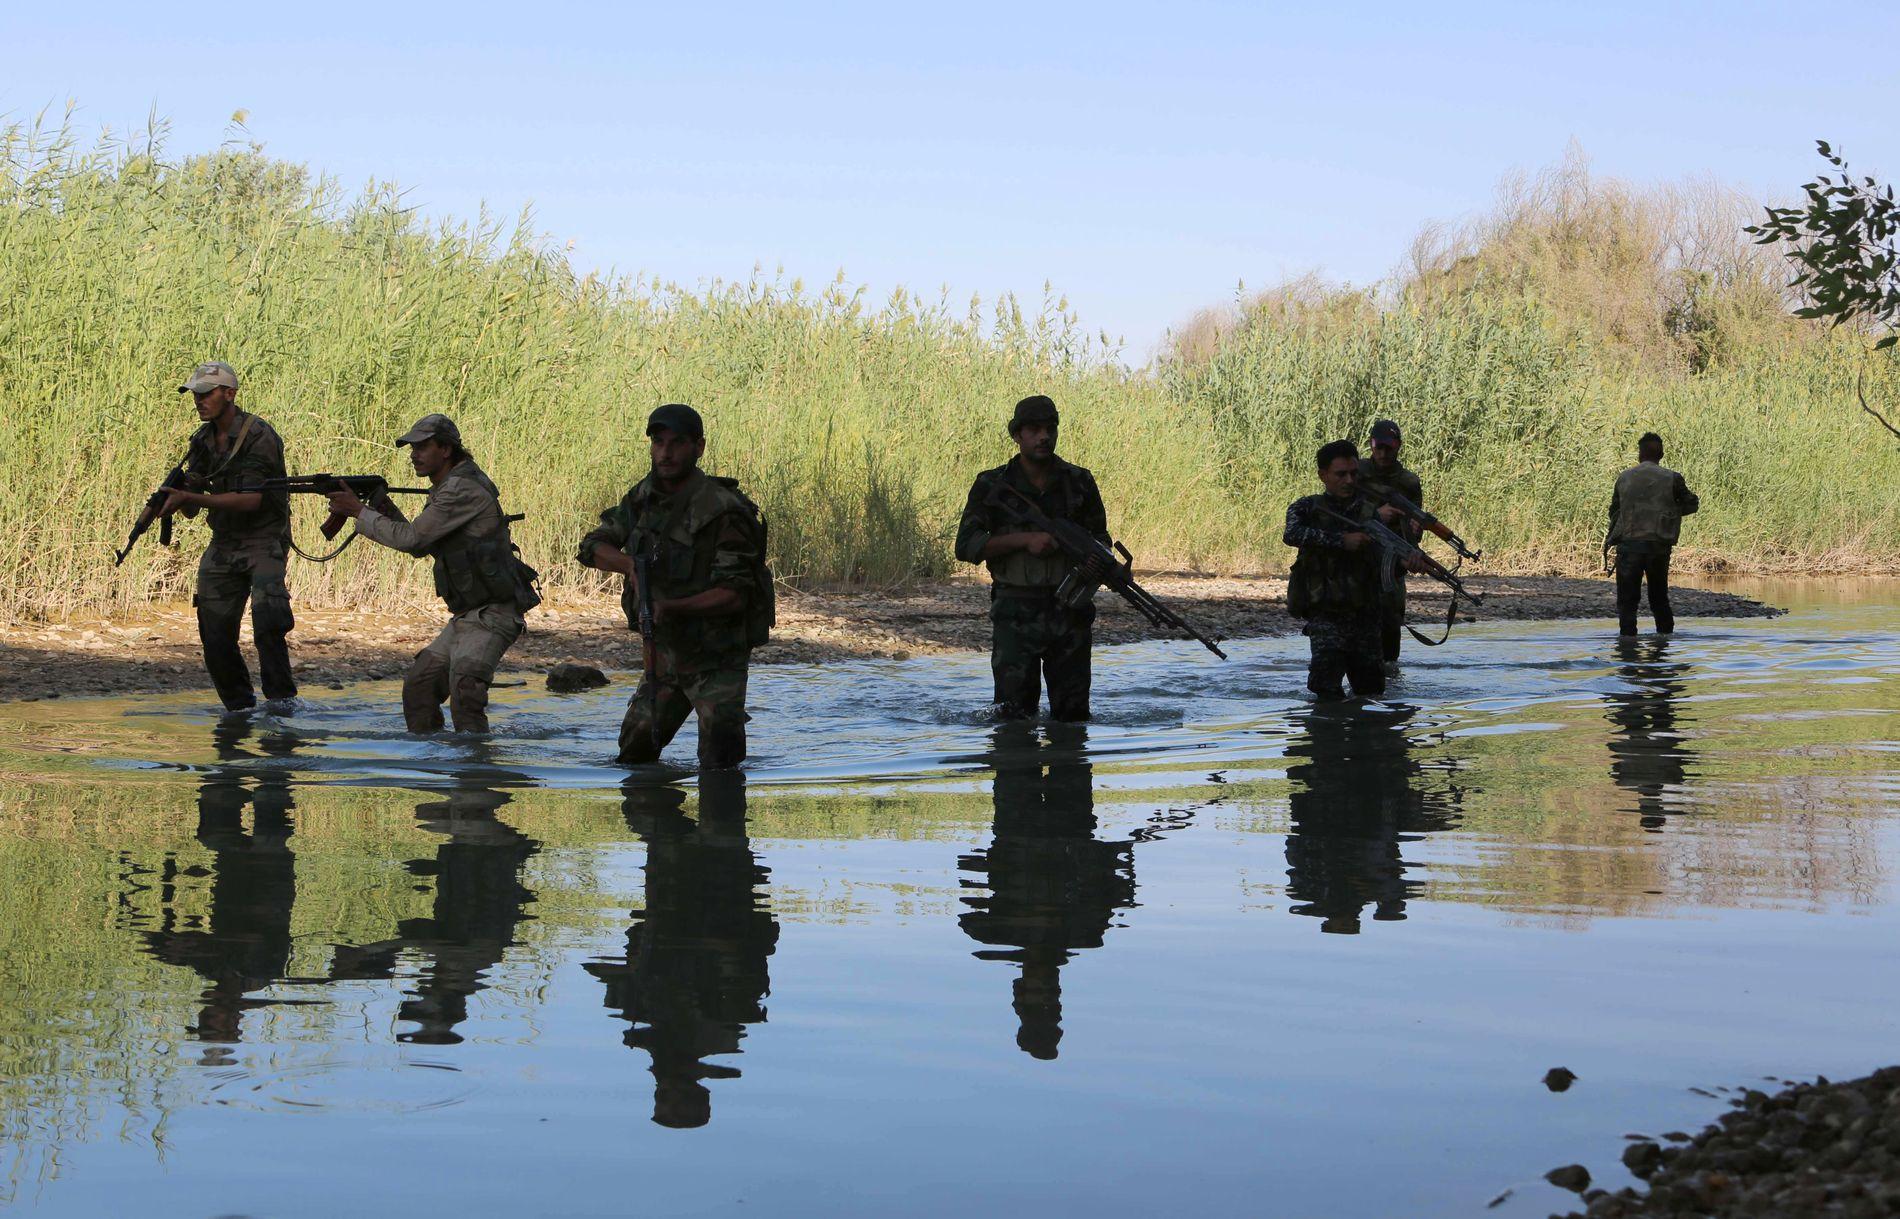 MOT IRAK-GRENSEN: Assad-vennlige styrker, med Russland i ryggen, presser videre sørover langs Eufrat-elven i kampen mot IS.